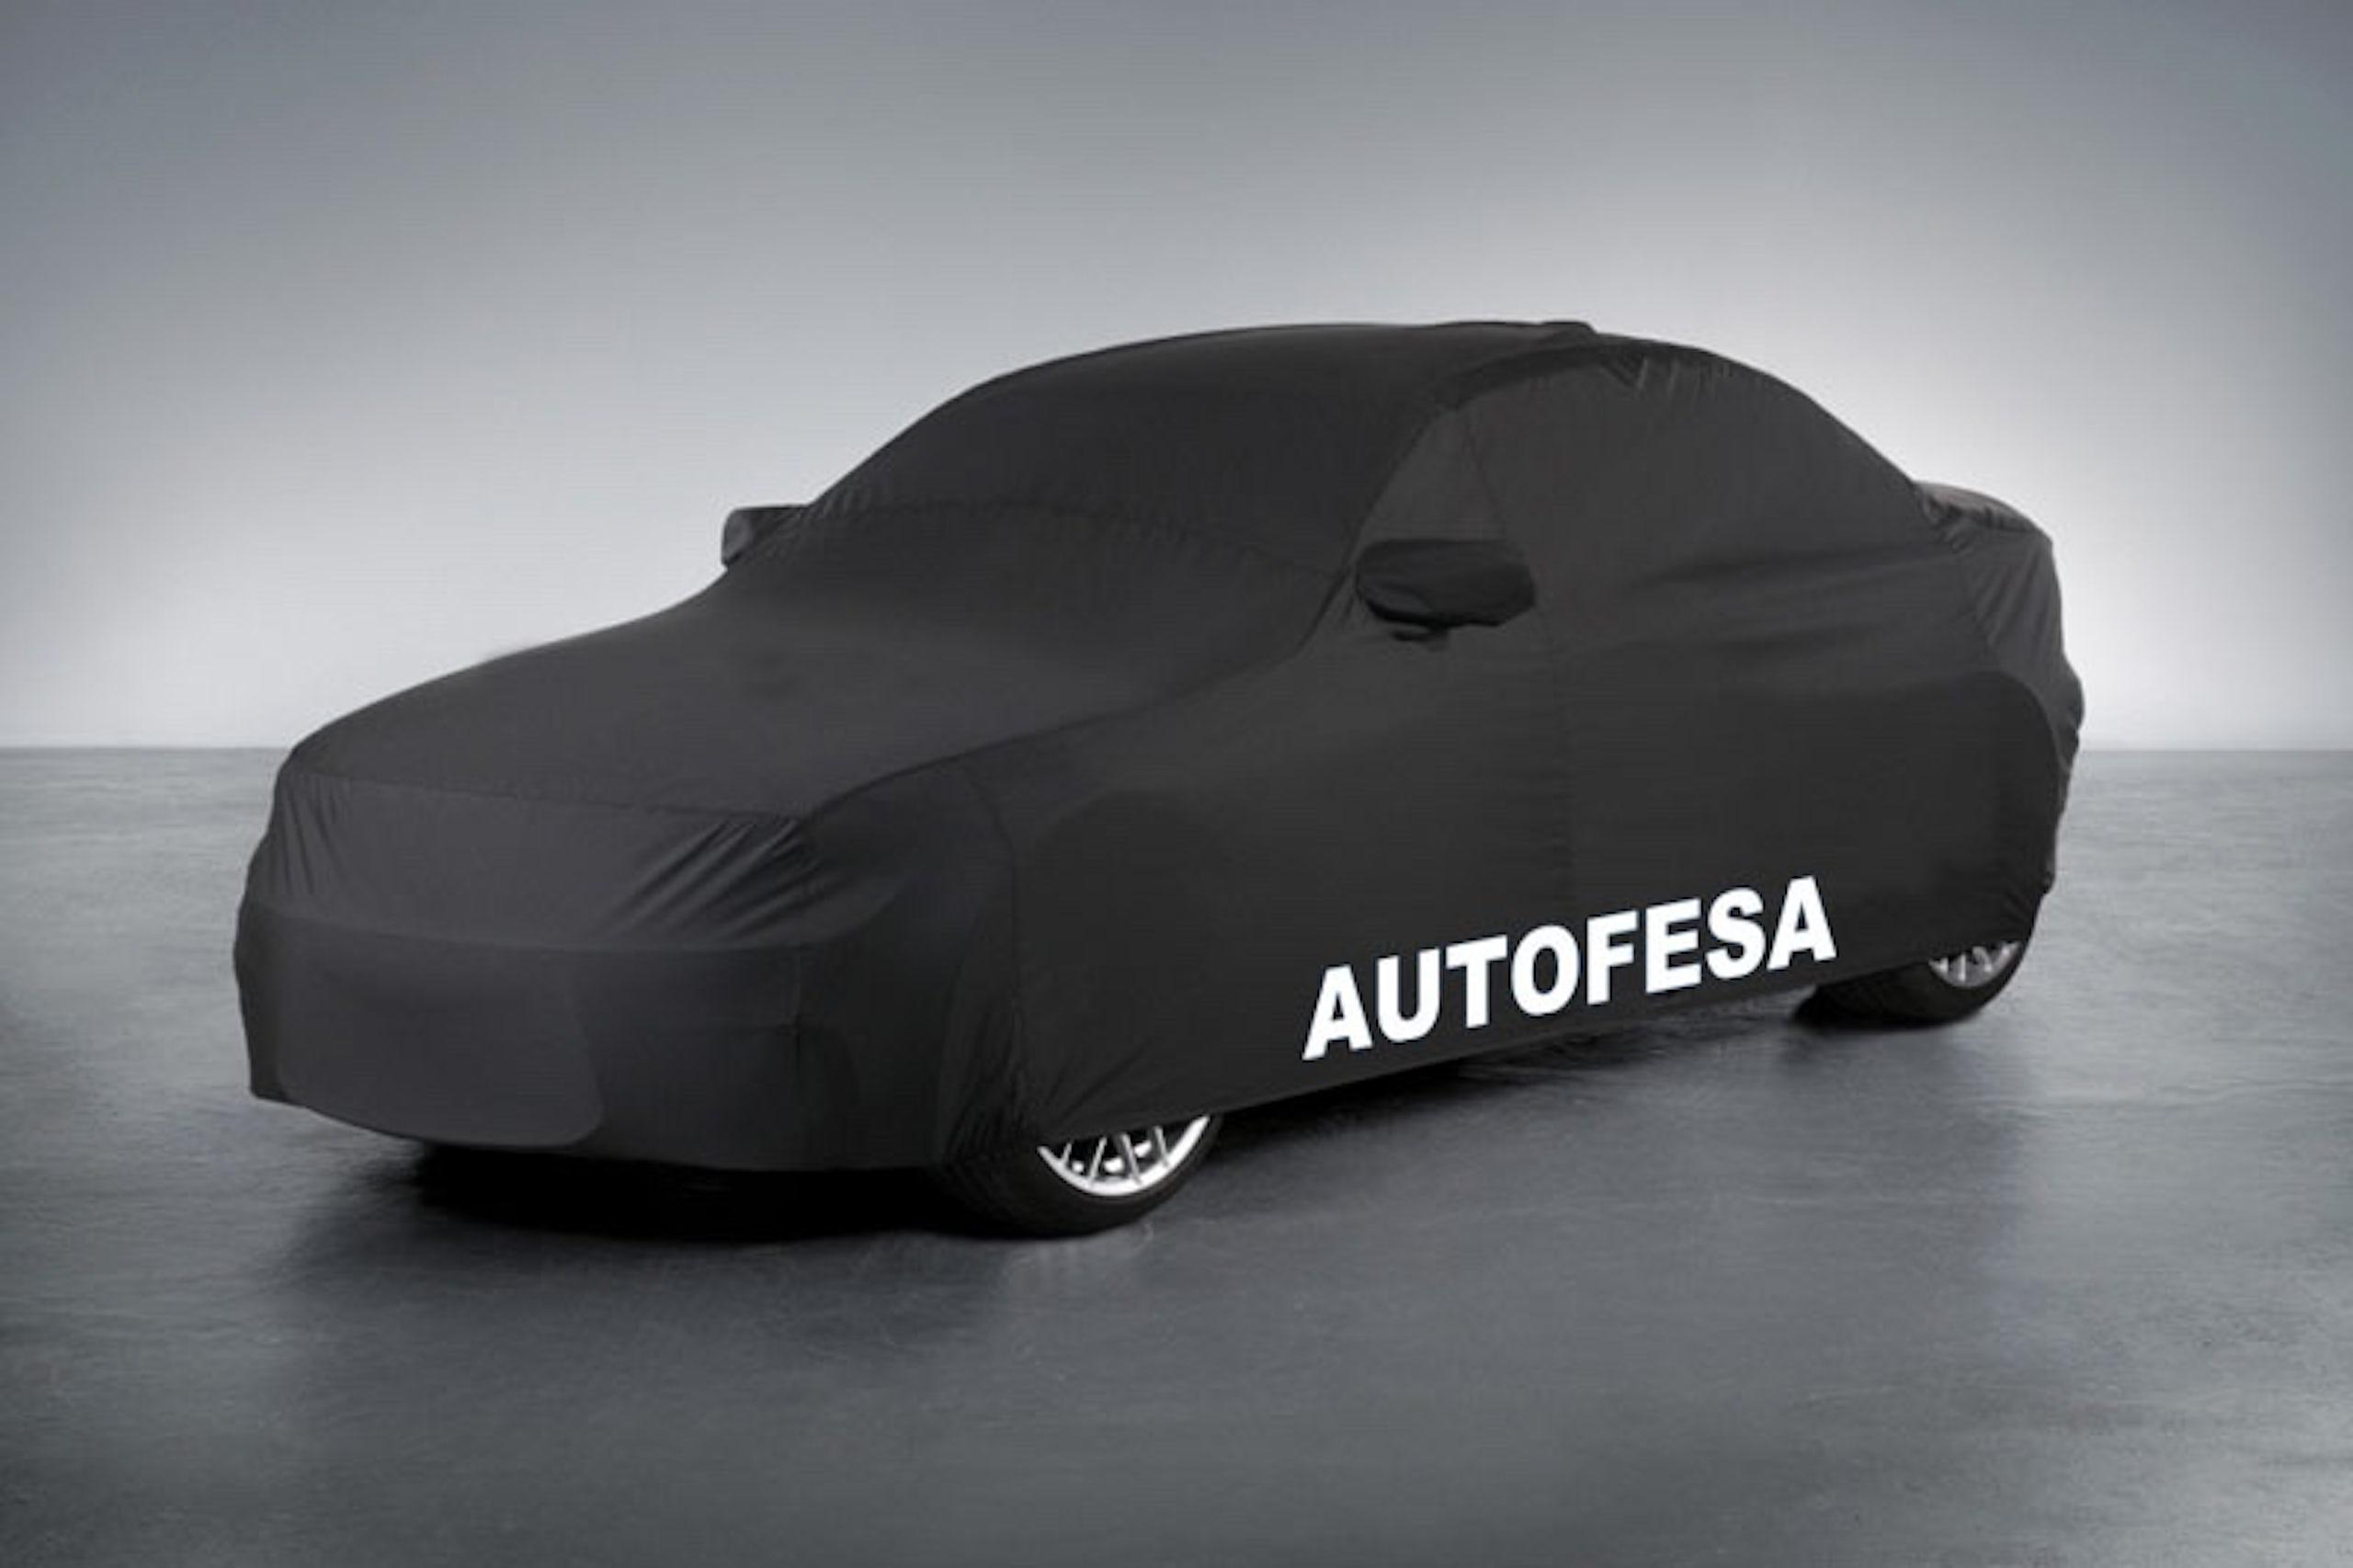 Audi A6 3.0 TDI AVANT 272cv quattro 4p S tronic Auto S/S - Foto 21